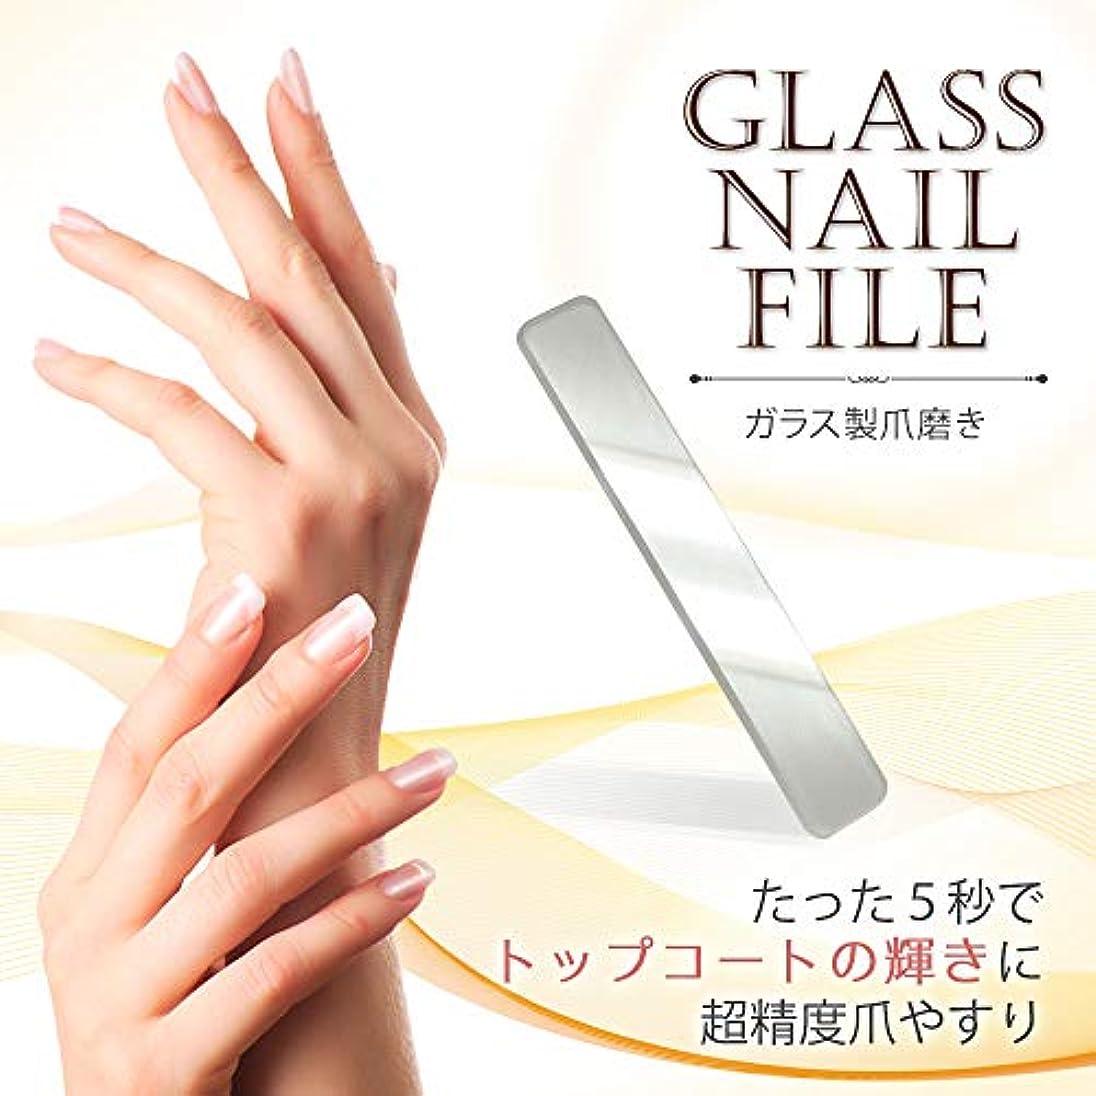 分配しますデザート銃5秒で実感 Glass Nail File (ガラス製 爪やすり 爪みがき つめみがき 爪磨き ネイルファイル ネイルシャイナー グラスシャイナー バッファー ネイルケア 爪ケア)